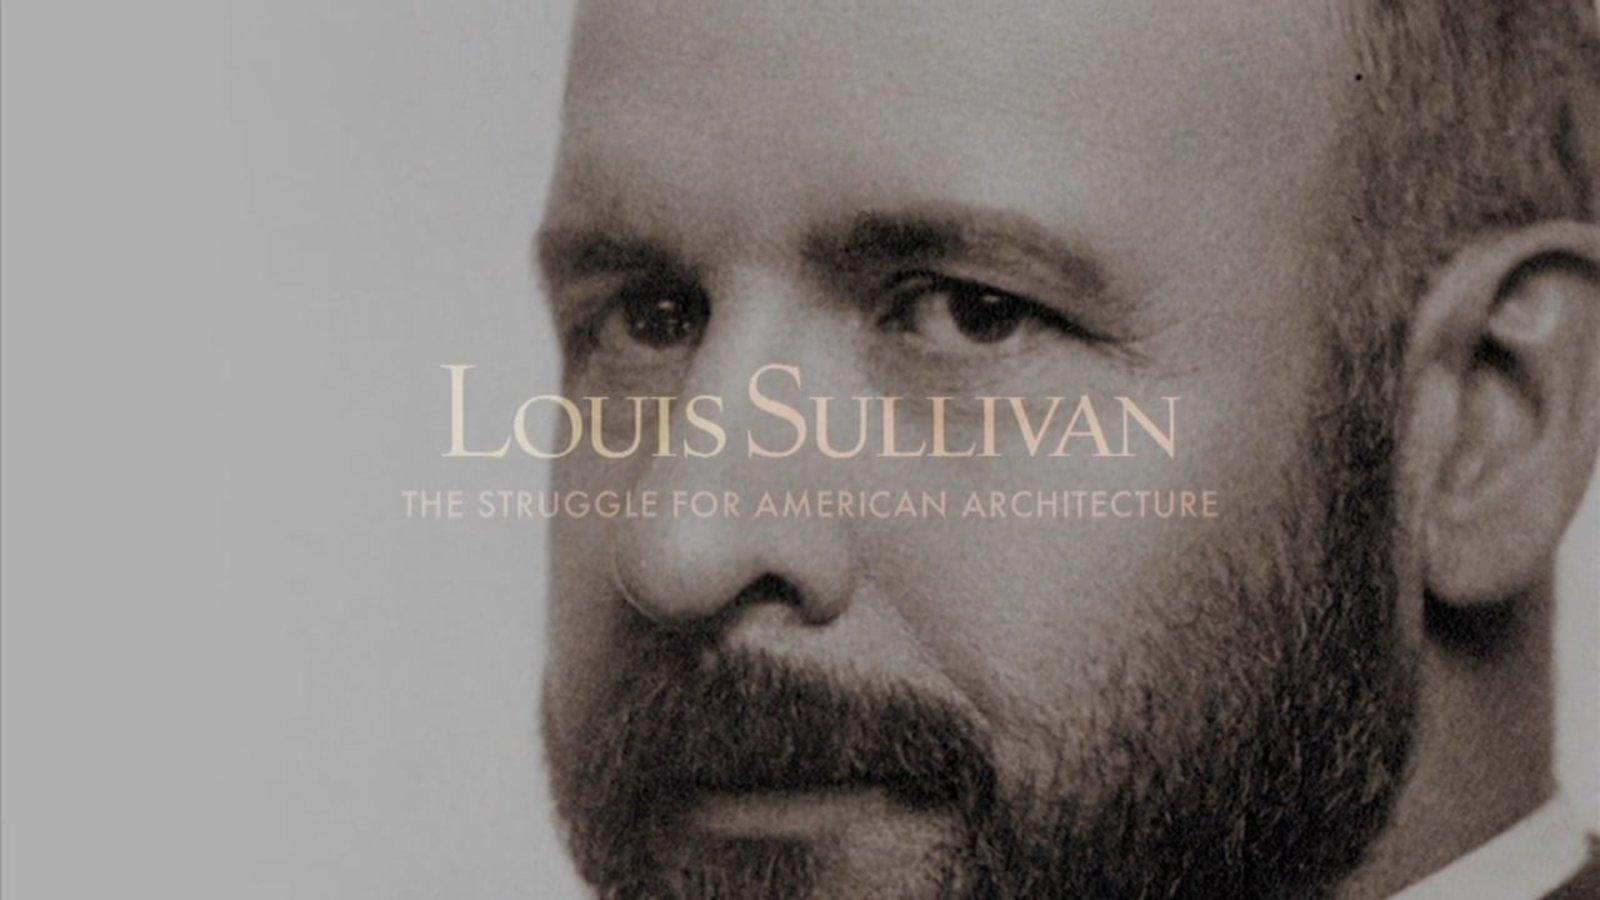 Louis Sullivan - The Struggle for American Architecture